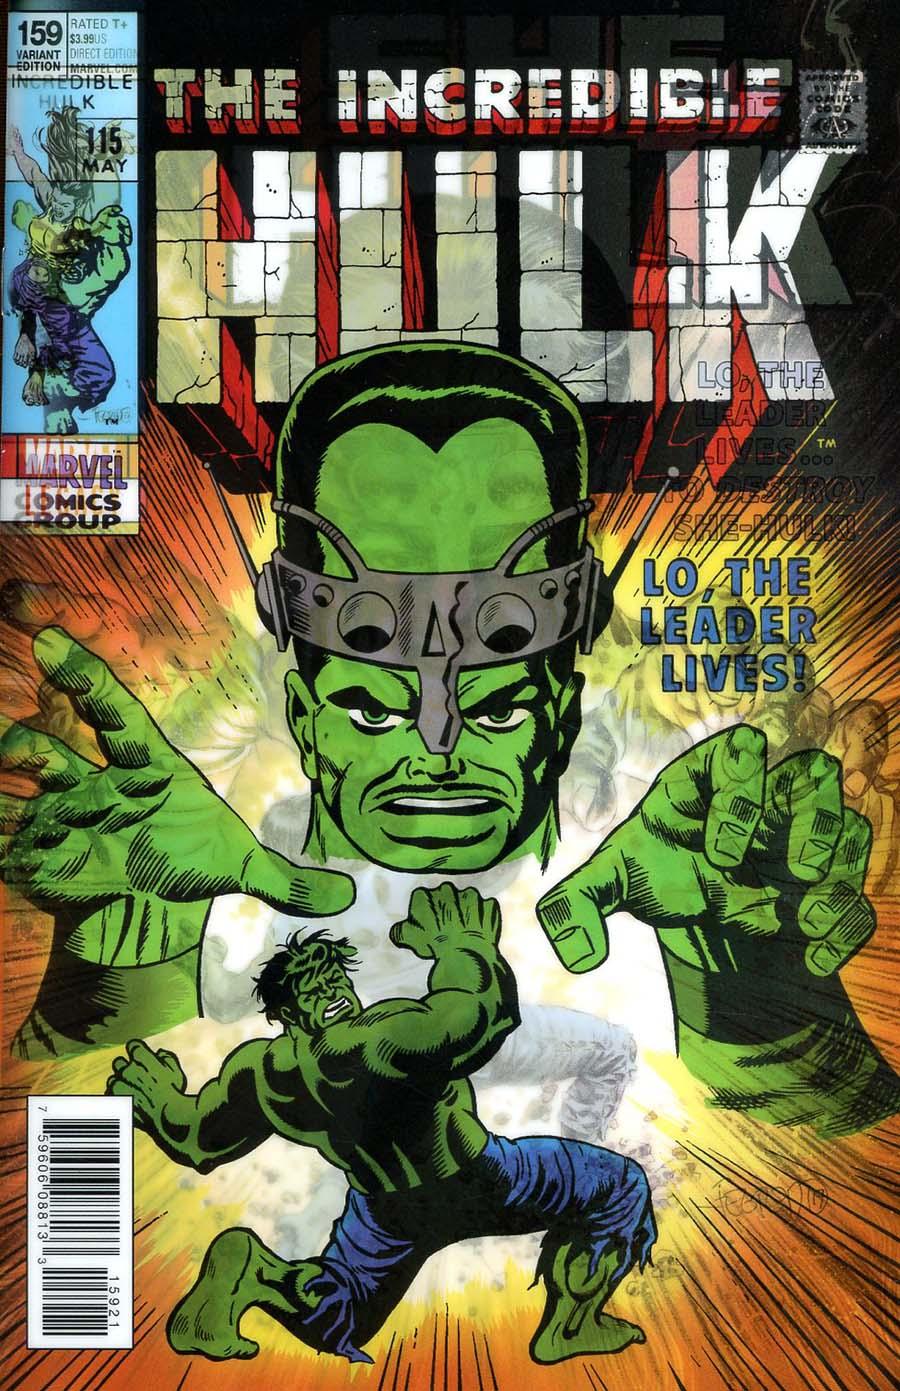 She-Hulk Vol 3 #159 Cover B Variant Duncan Fegredo Lenticular Homage Cover (Marvel Legacy Tie-In)